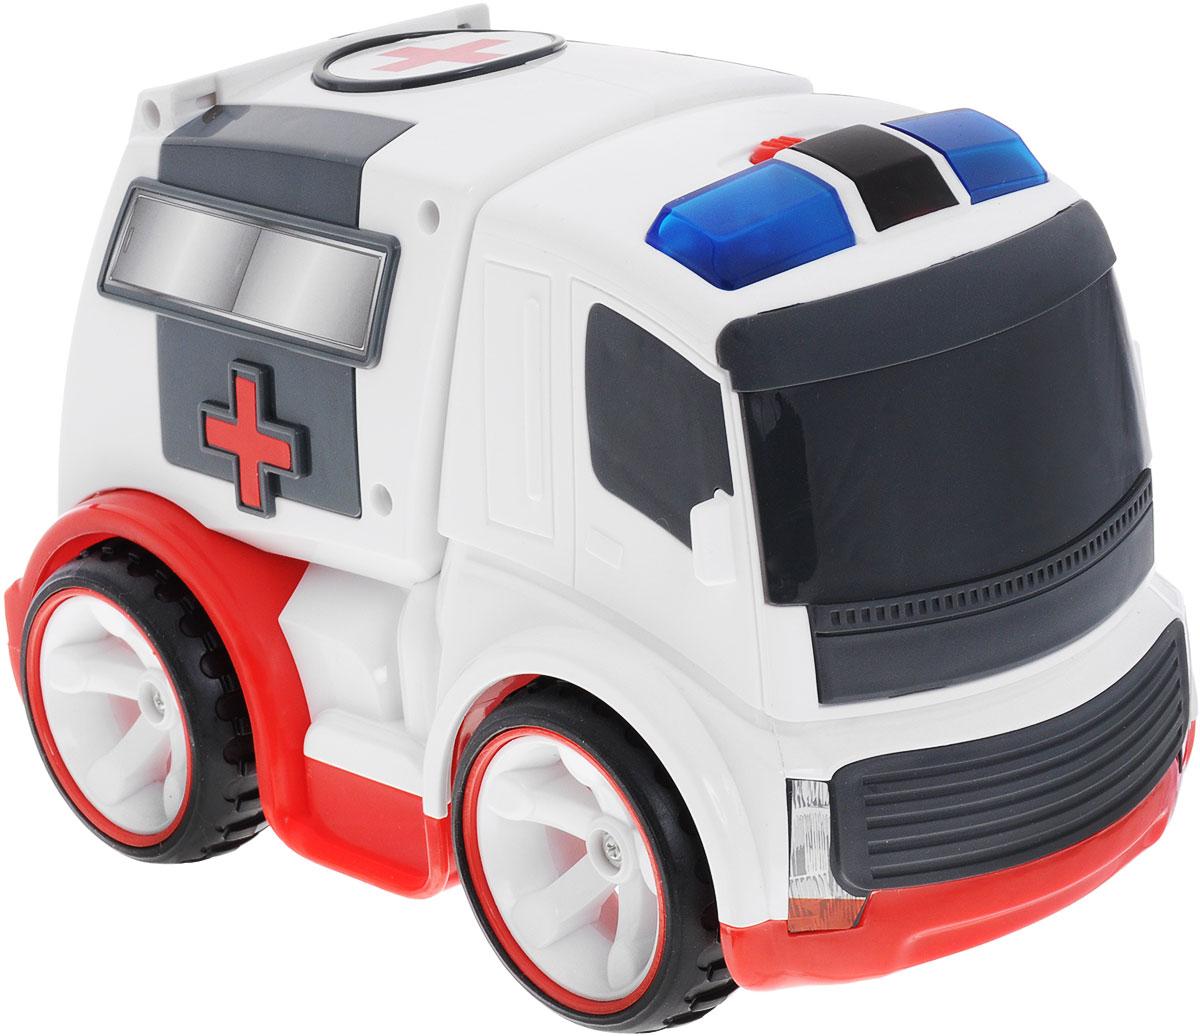 """Машинка на радиоуправлении Silverlit """"Скорая помощь"""" обязательно понравится вашему ребенку! Выполненная из безопасного прочного пластика модель может двигаться влево, вправо, назад и вперед. Задние дверцы машинки открываются. При движении у машинки загораются мигалки, раздается шум мотора и звук сирены. Радиоуправляемые игрушки развивают моторику ребенка, его логику, координацию движений и пространственное мышление. С помощью радиоуправляемой машинки """"Скорая помощь"""" от Silverlit малыш узнает многое о том, как важна работа врача и расширит свой словарный запас. Порадуйте своего малыша таким замечательным подарком! Для работы игрушки необходимы 3 батарейки типа АА (не входят в комплект). Для работы пульта управления необходима 3 батарейки типа ААА (не входят в комплект)."""